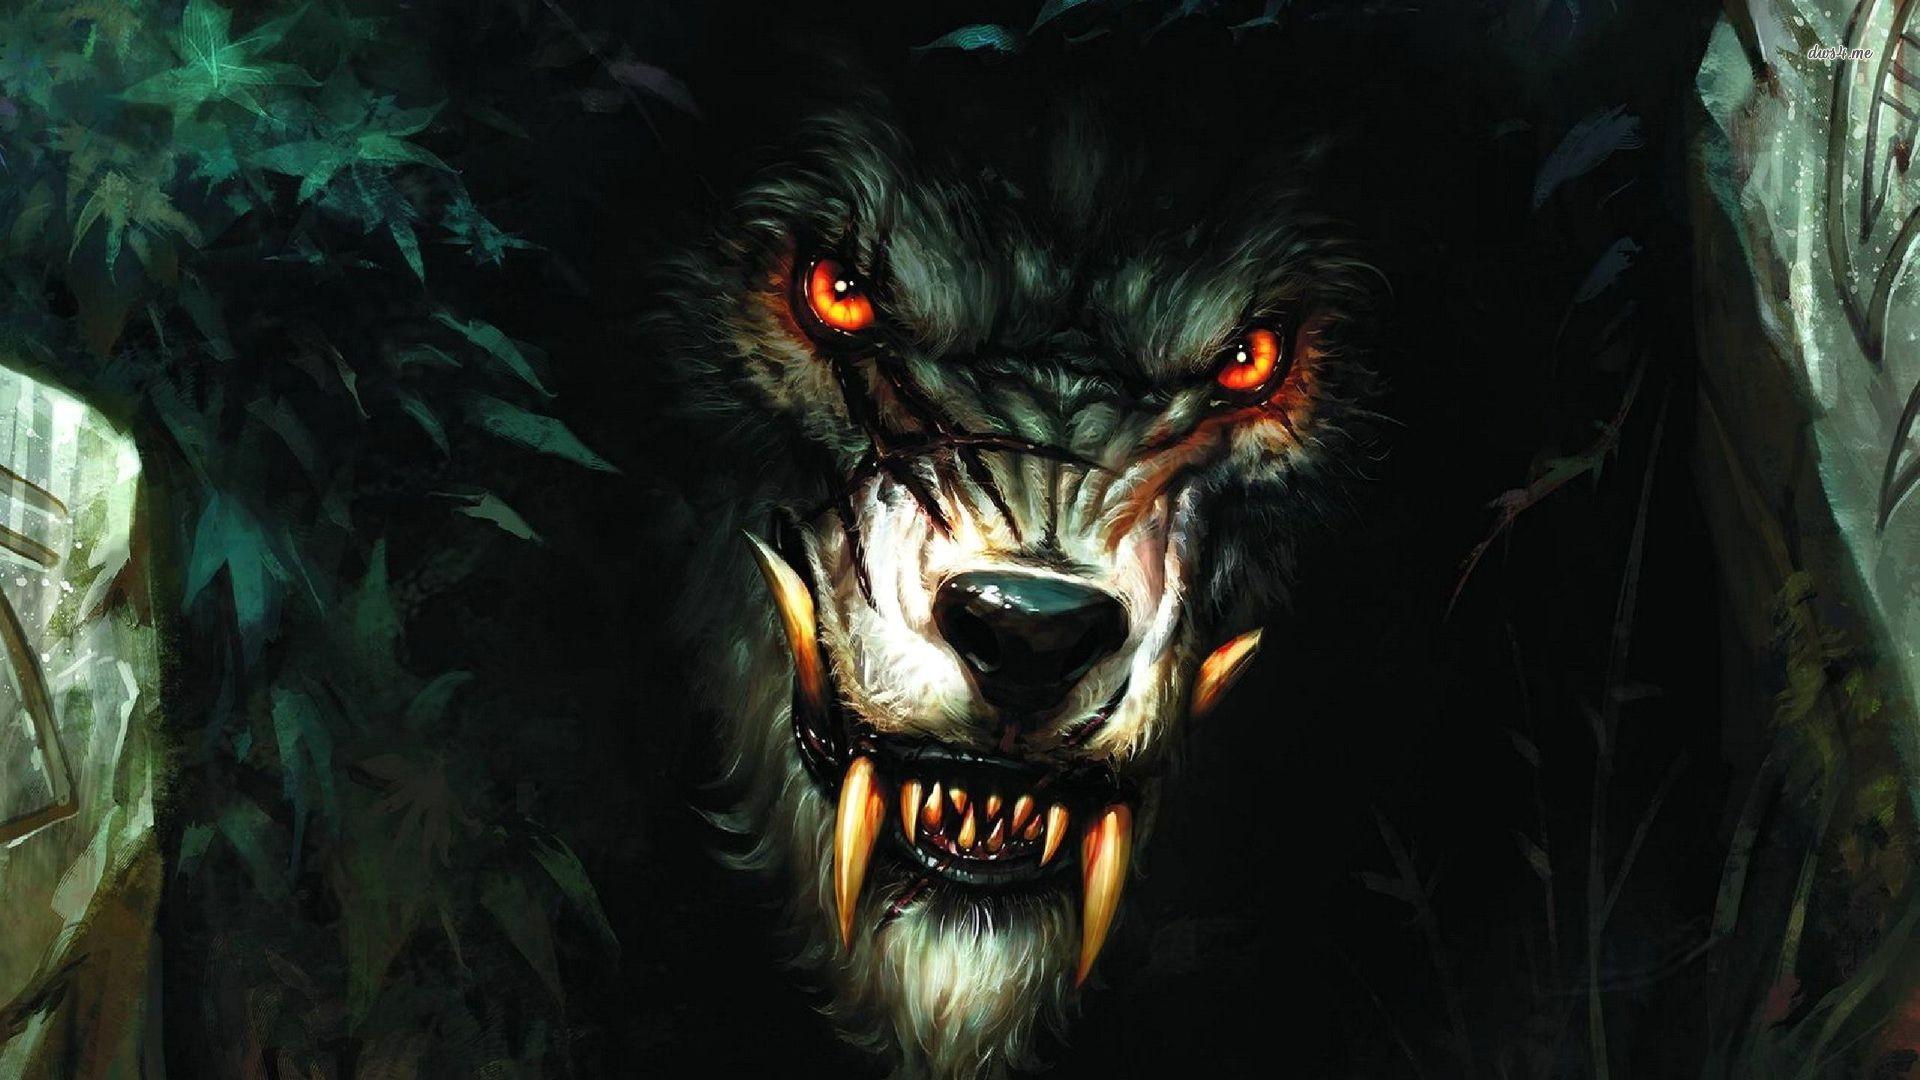 Werewolf wallpaper – Digital Art wallpapers – #20849